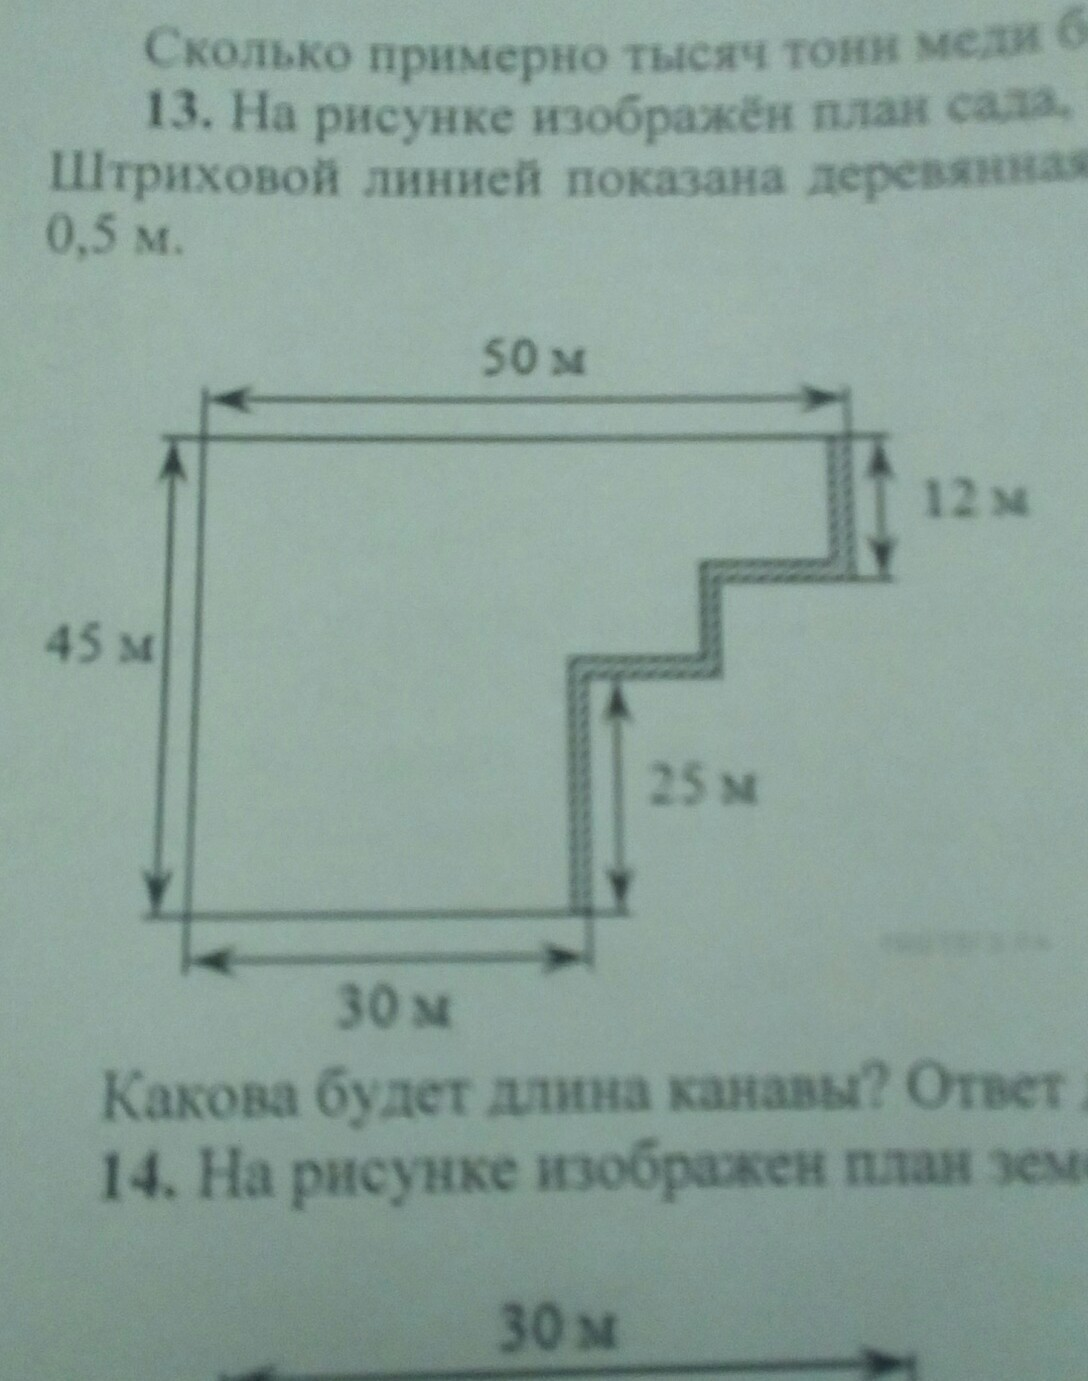 На рисунке изображен план сада вдоль периметра